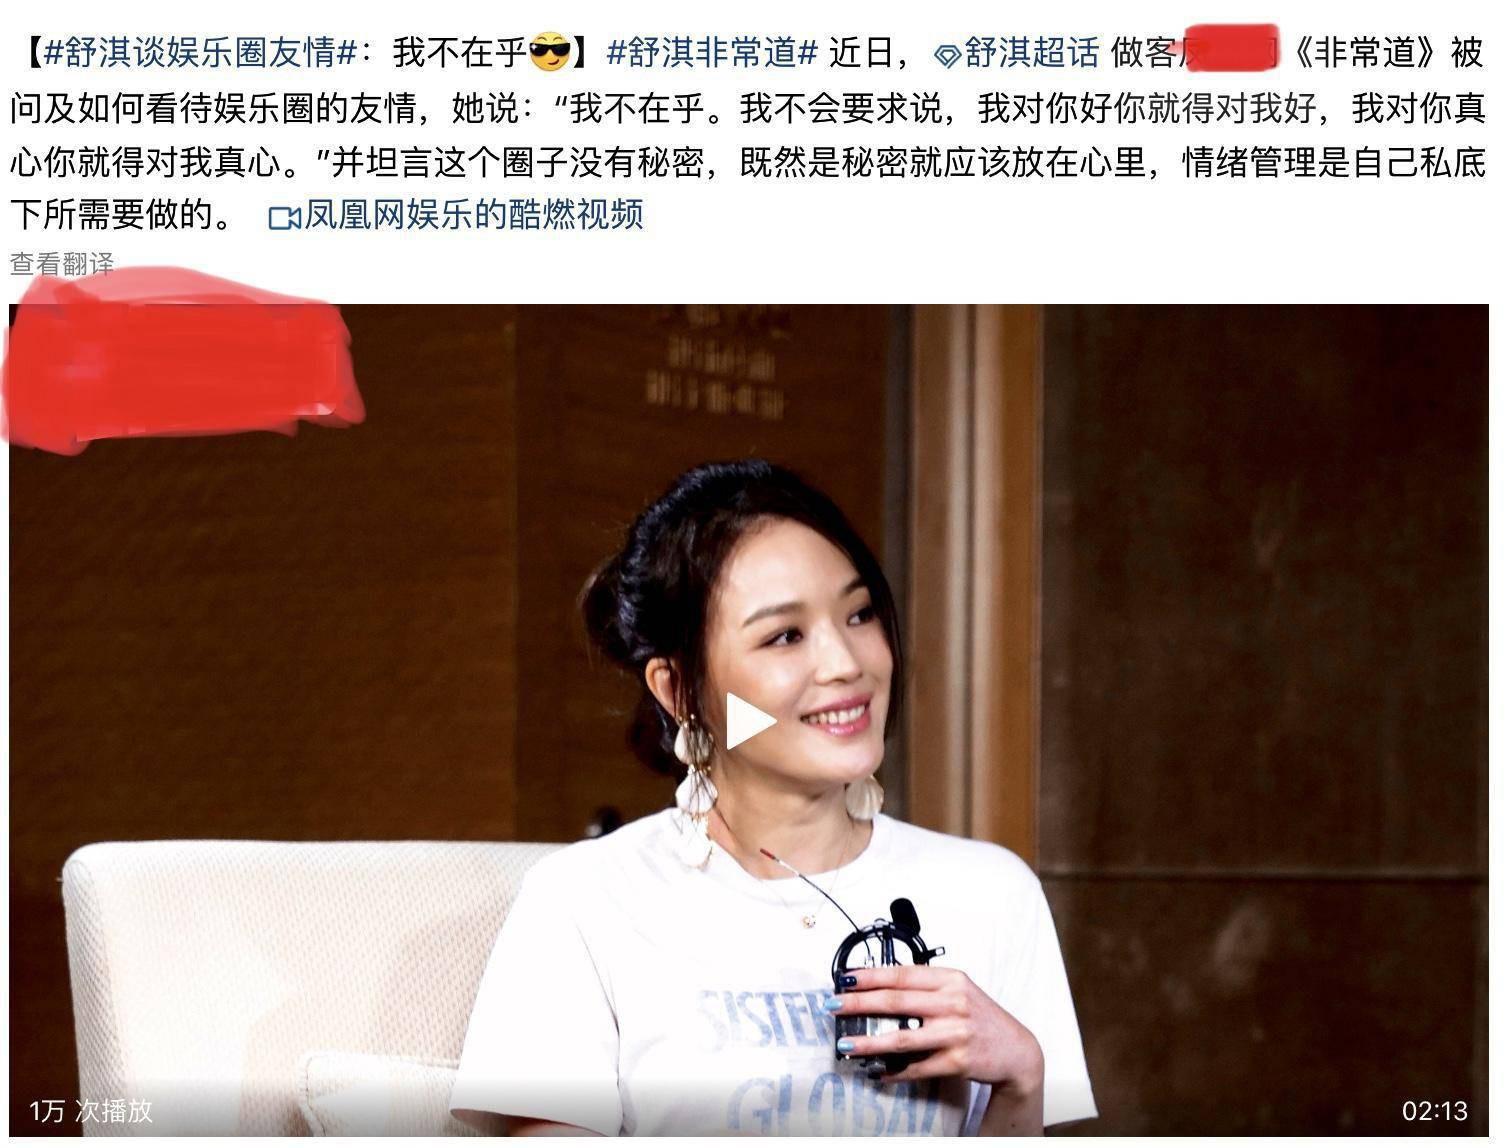 VZN News: Thư Kỳ gây sốc với phát ngôn về tình bạn showbiz, nghe xong ai cũng phải nhìn nhận lại làng giải trí phức tạp - Ảnh 1.